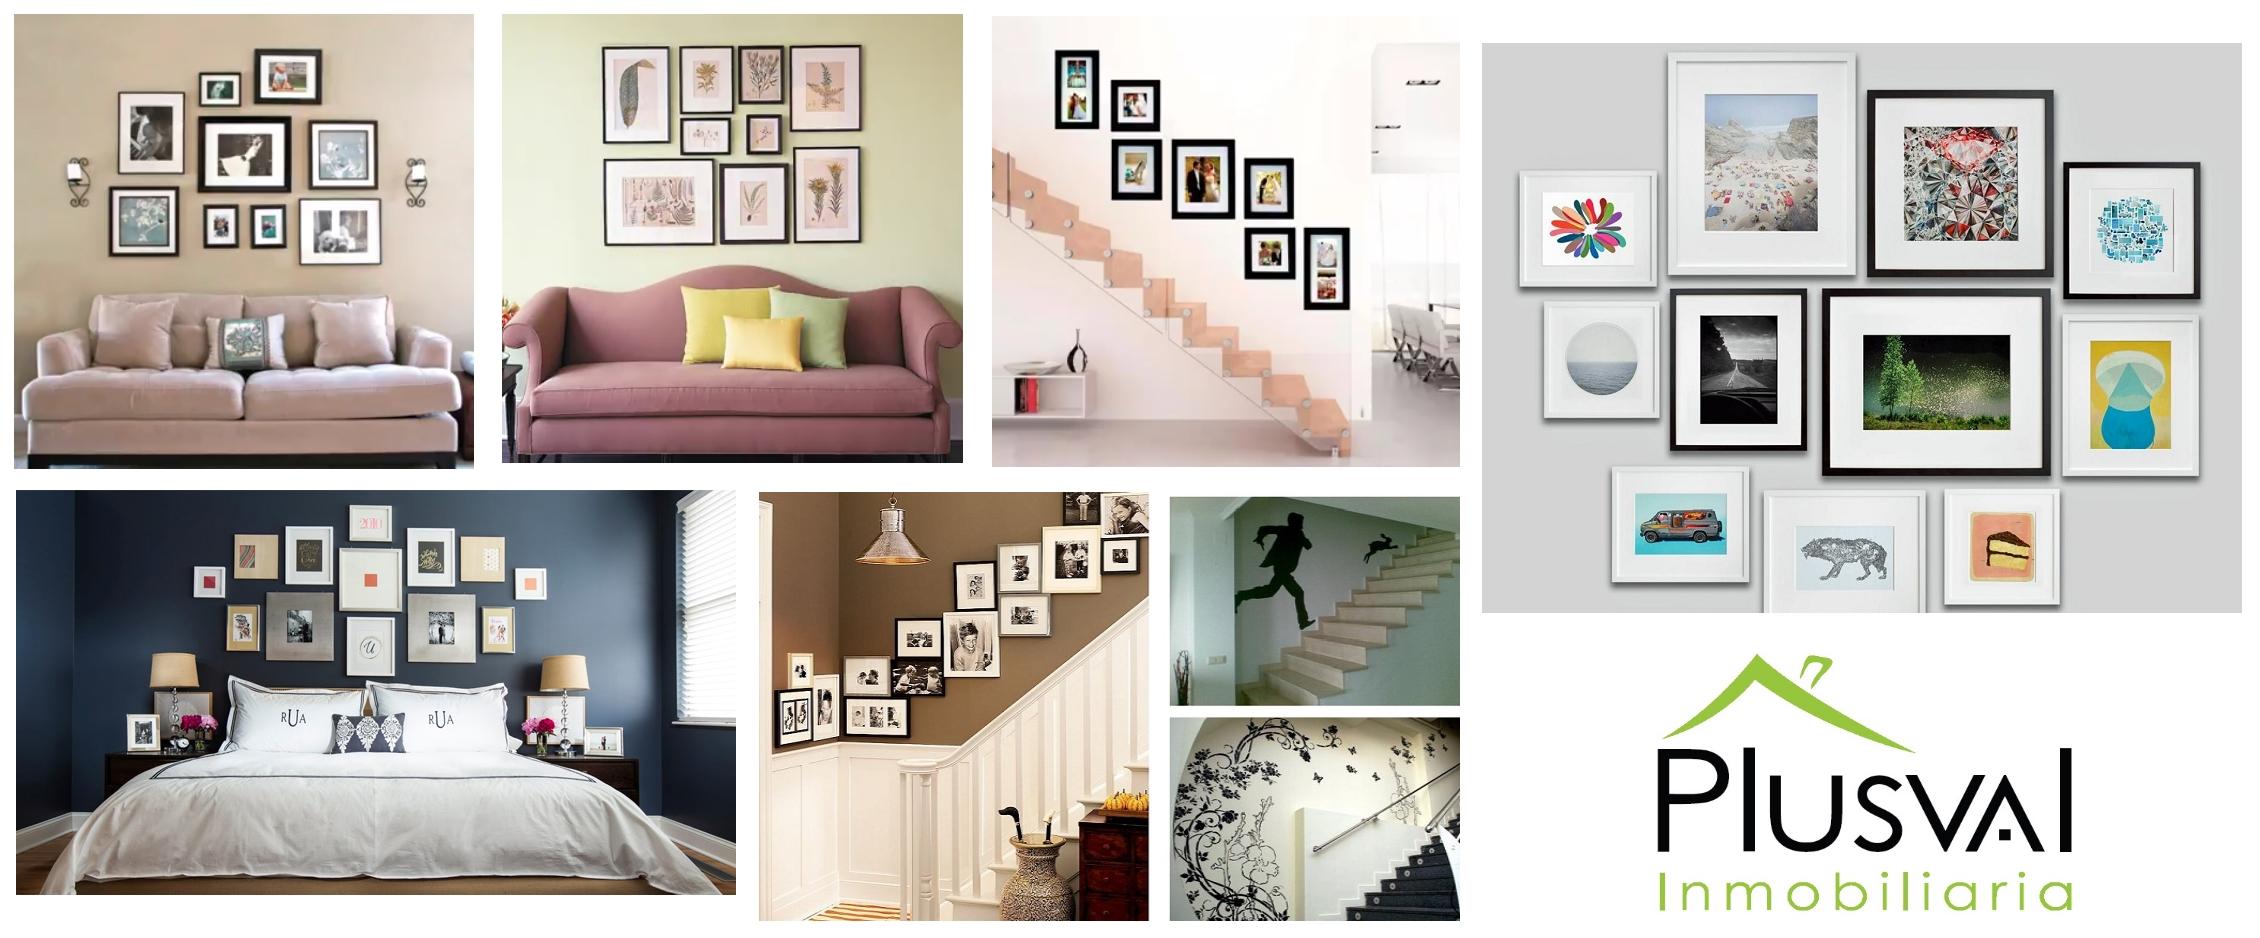 Decora con ingenio y maximiza los espacios de tus paredes